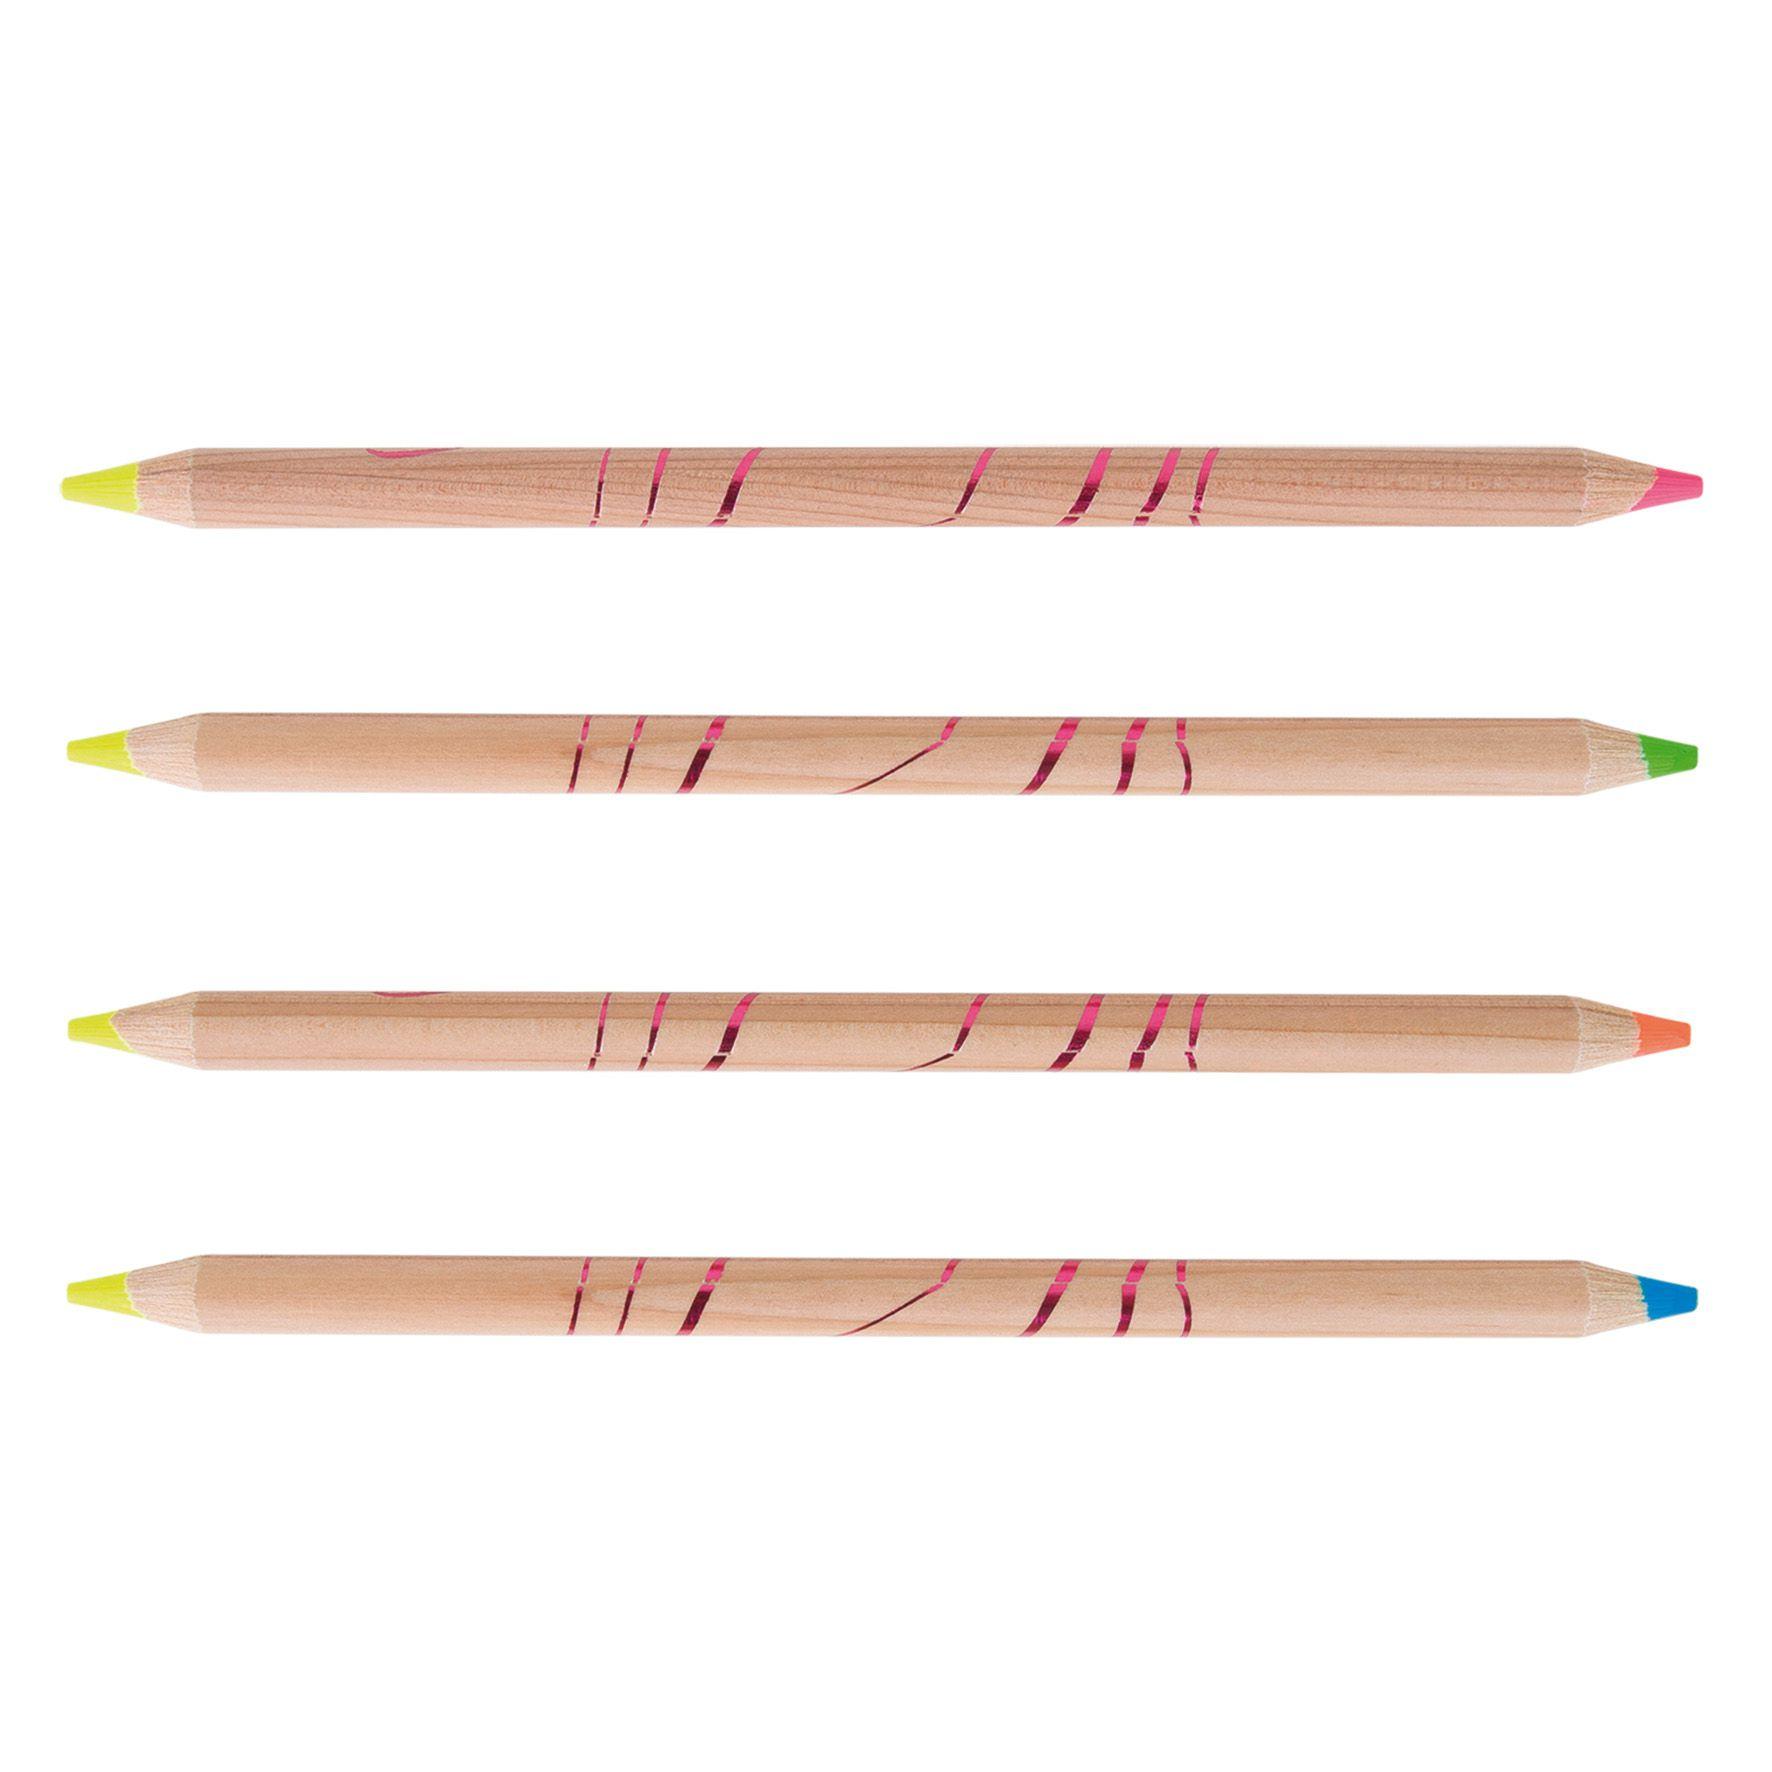 Surligneur personnalisable bois naturel Bi-coul - crayon écologique à personnaliser